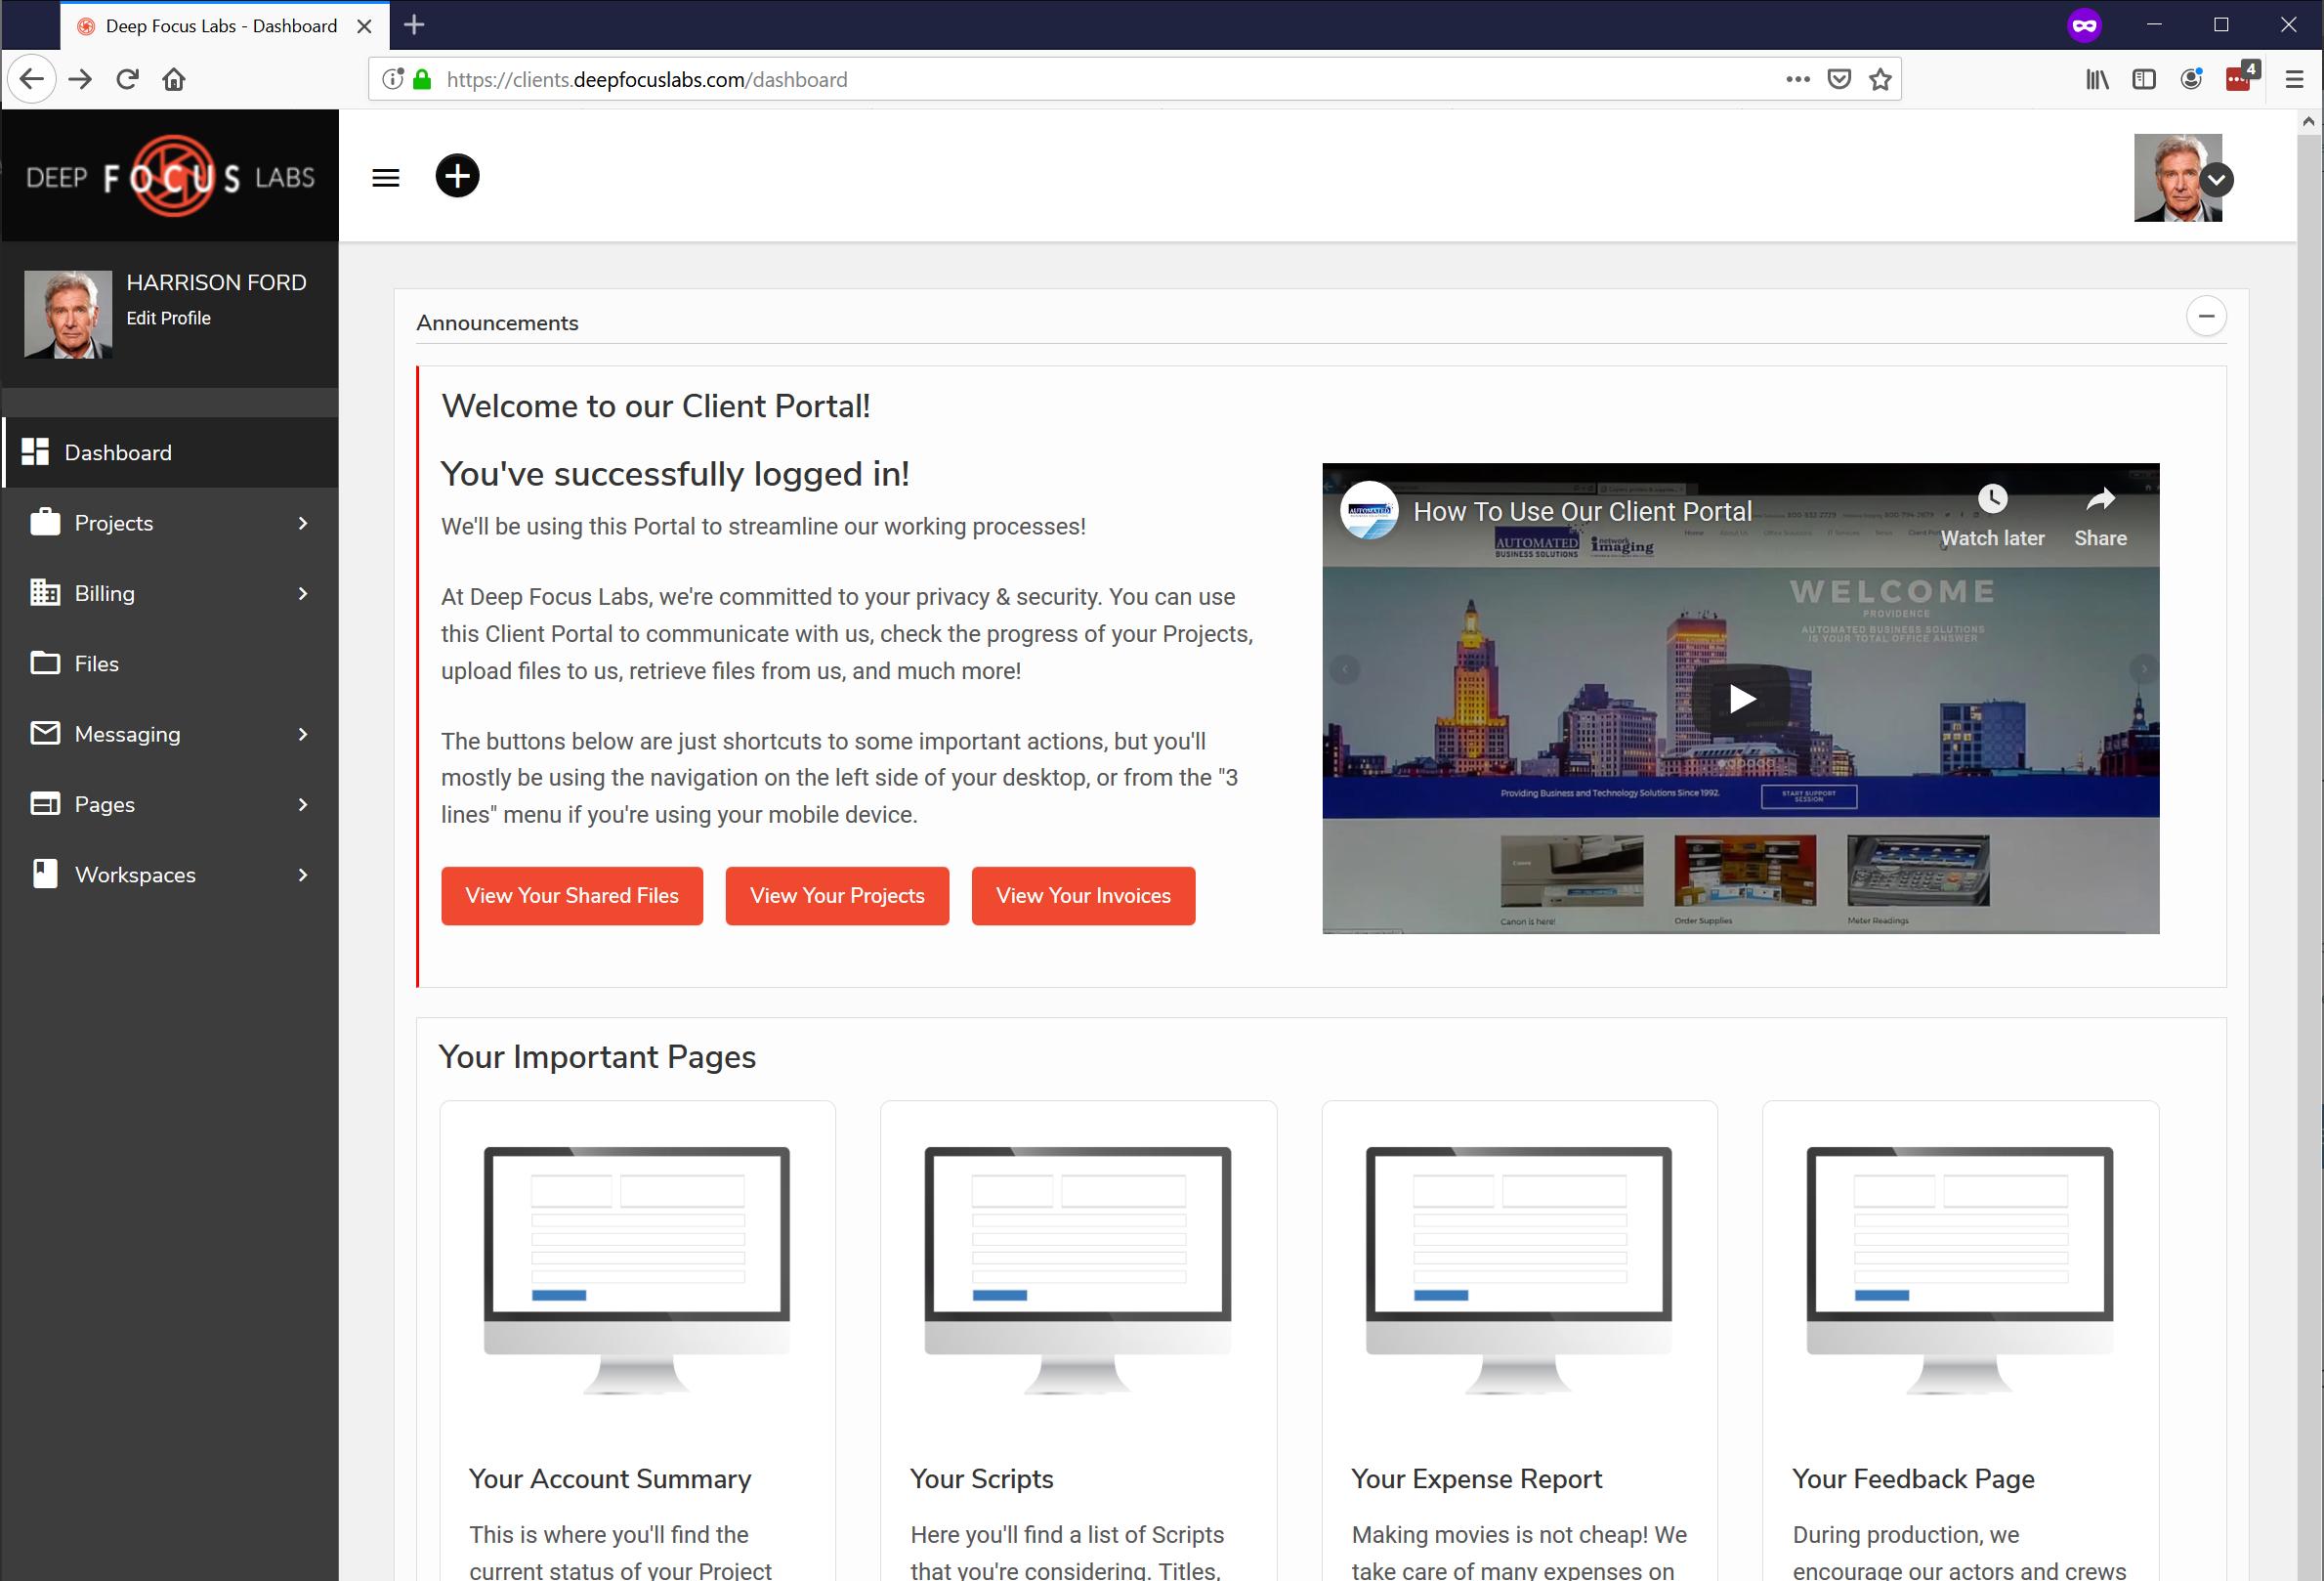 SuiteDash Client Portal